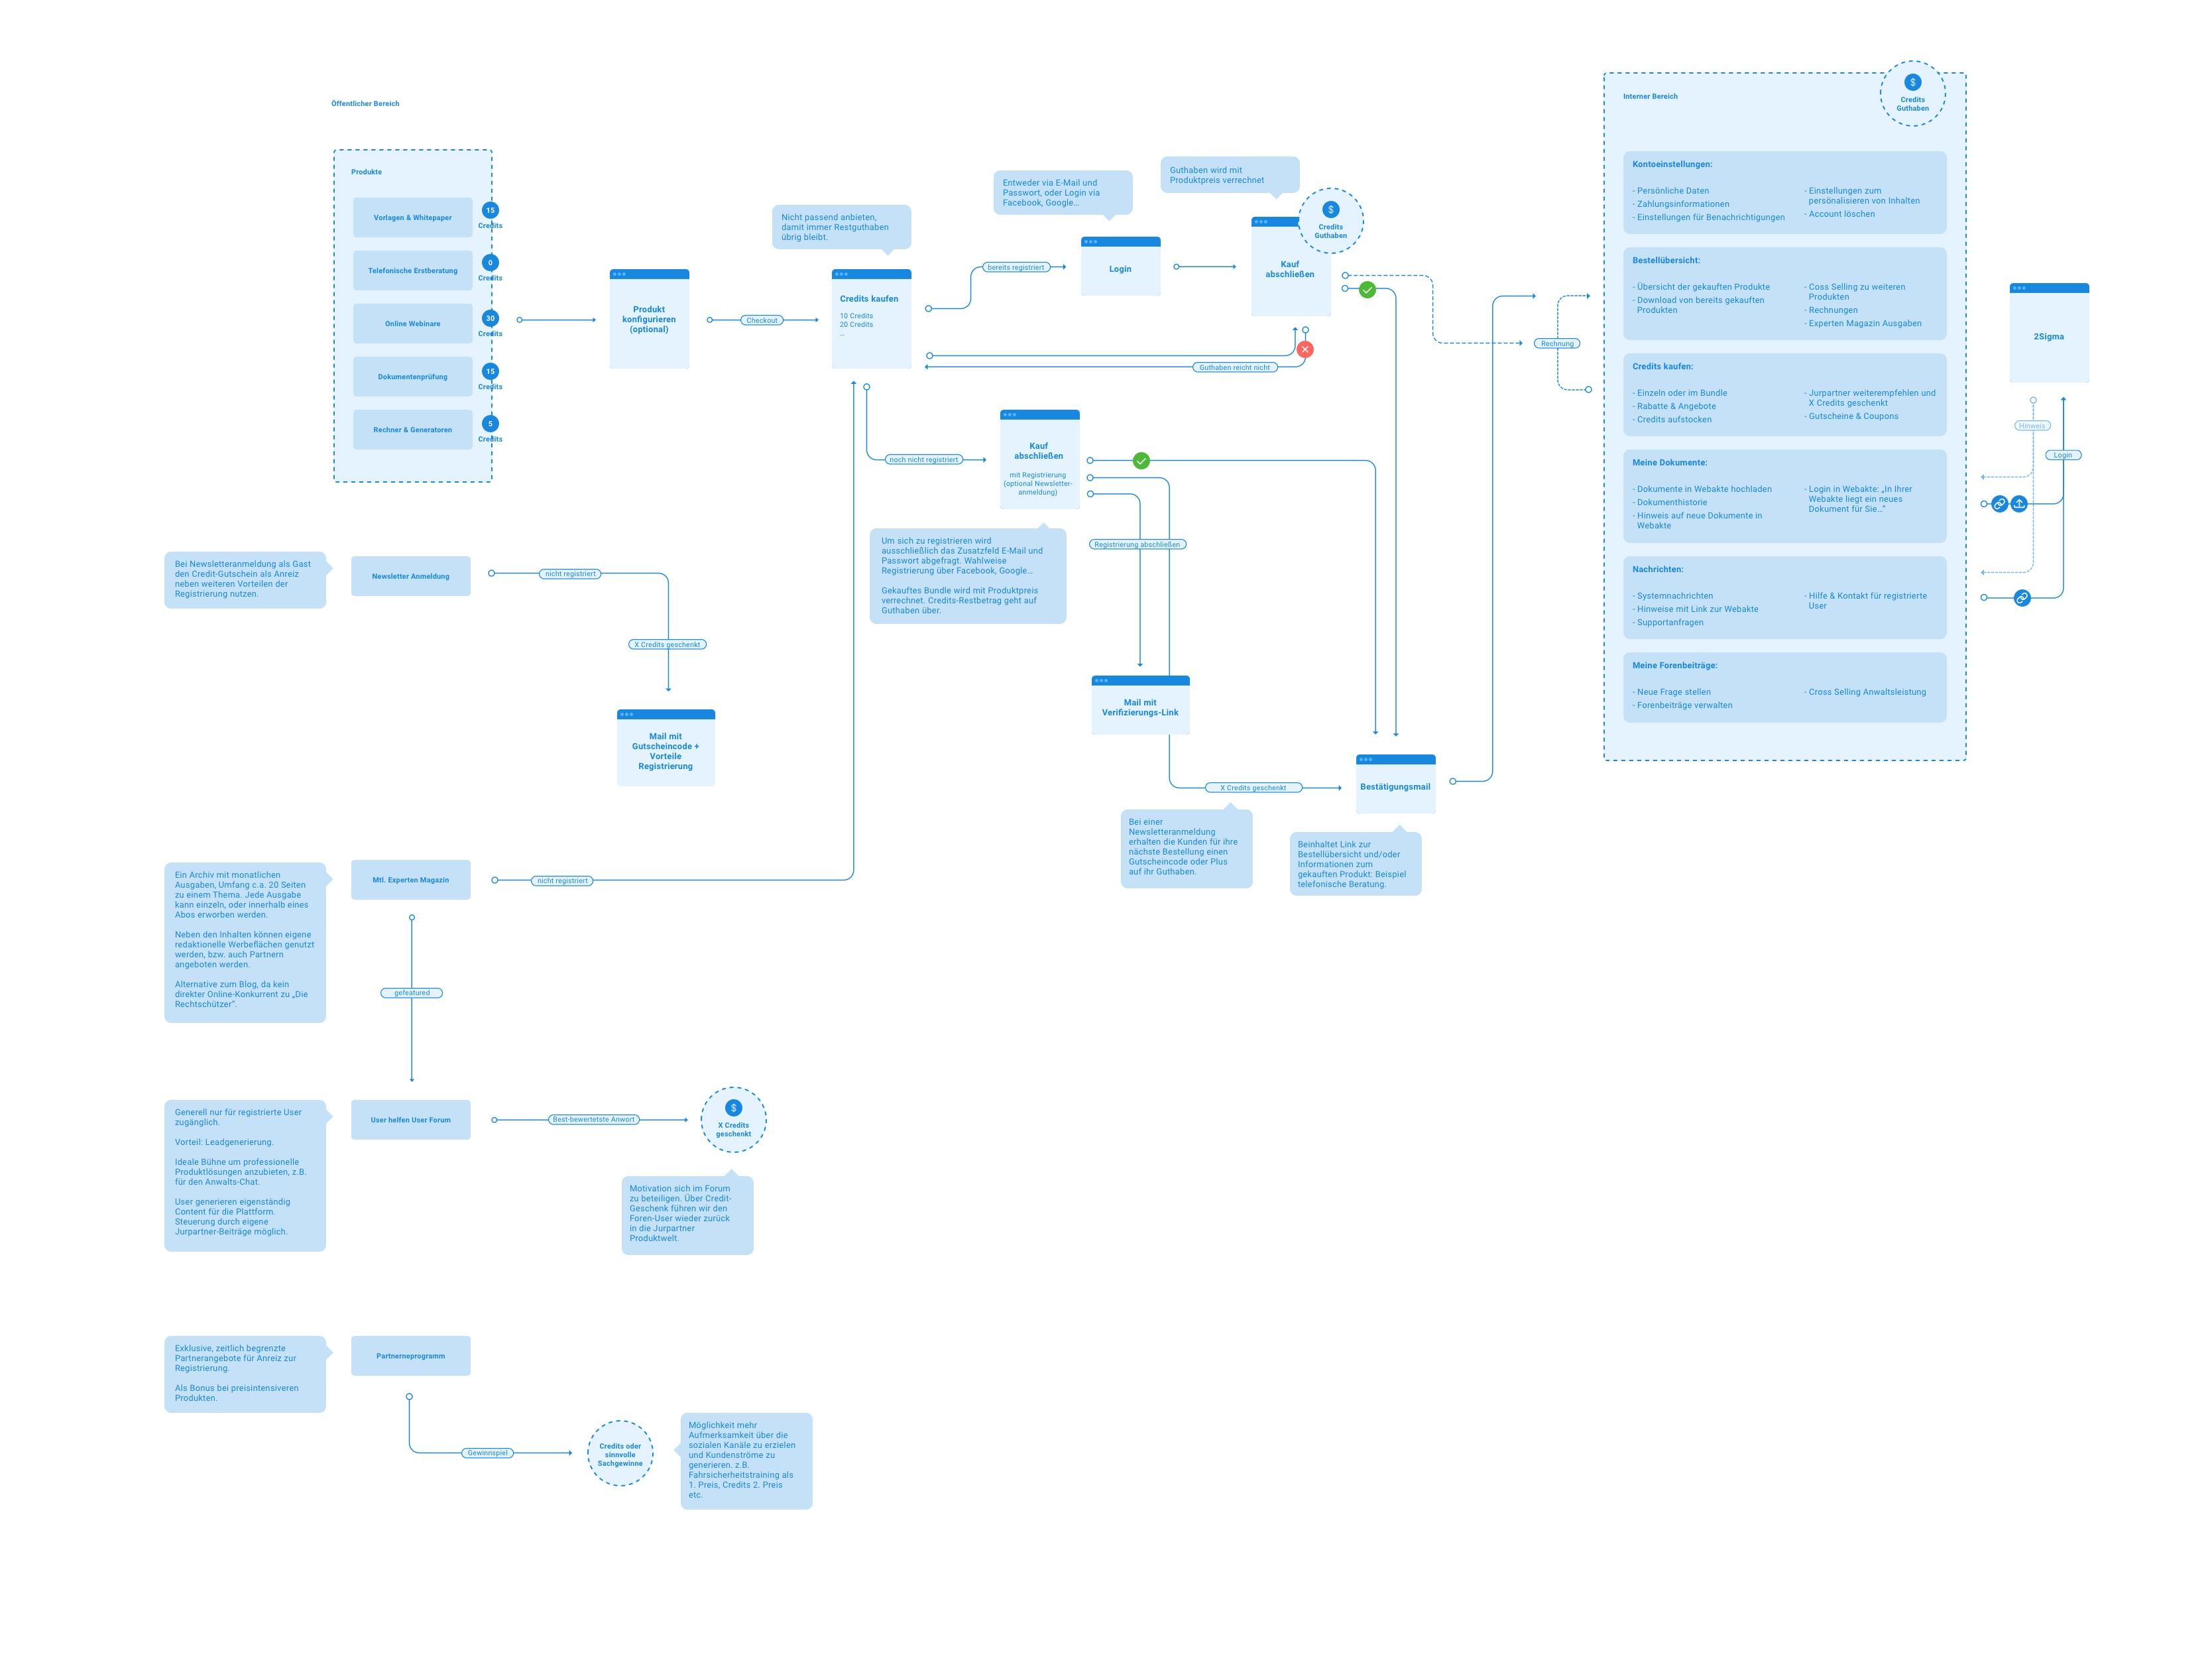 jurpartner Userflow